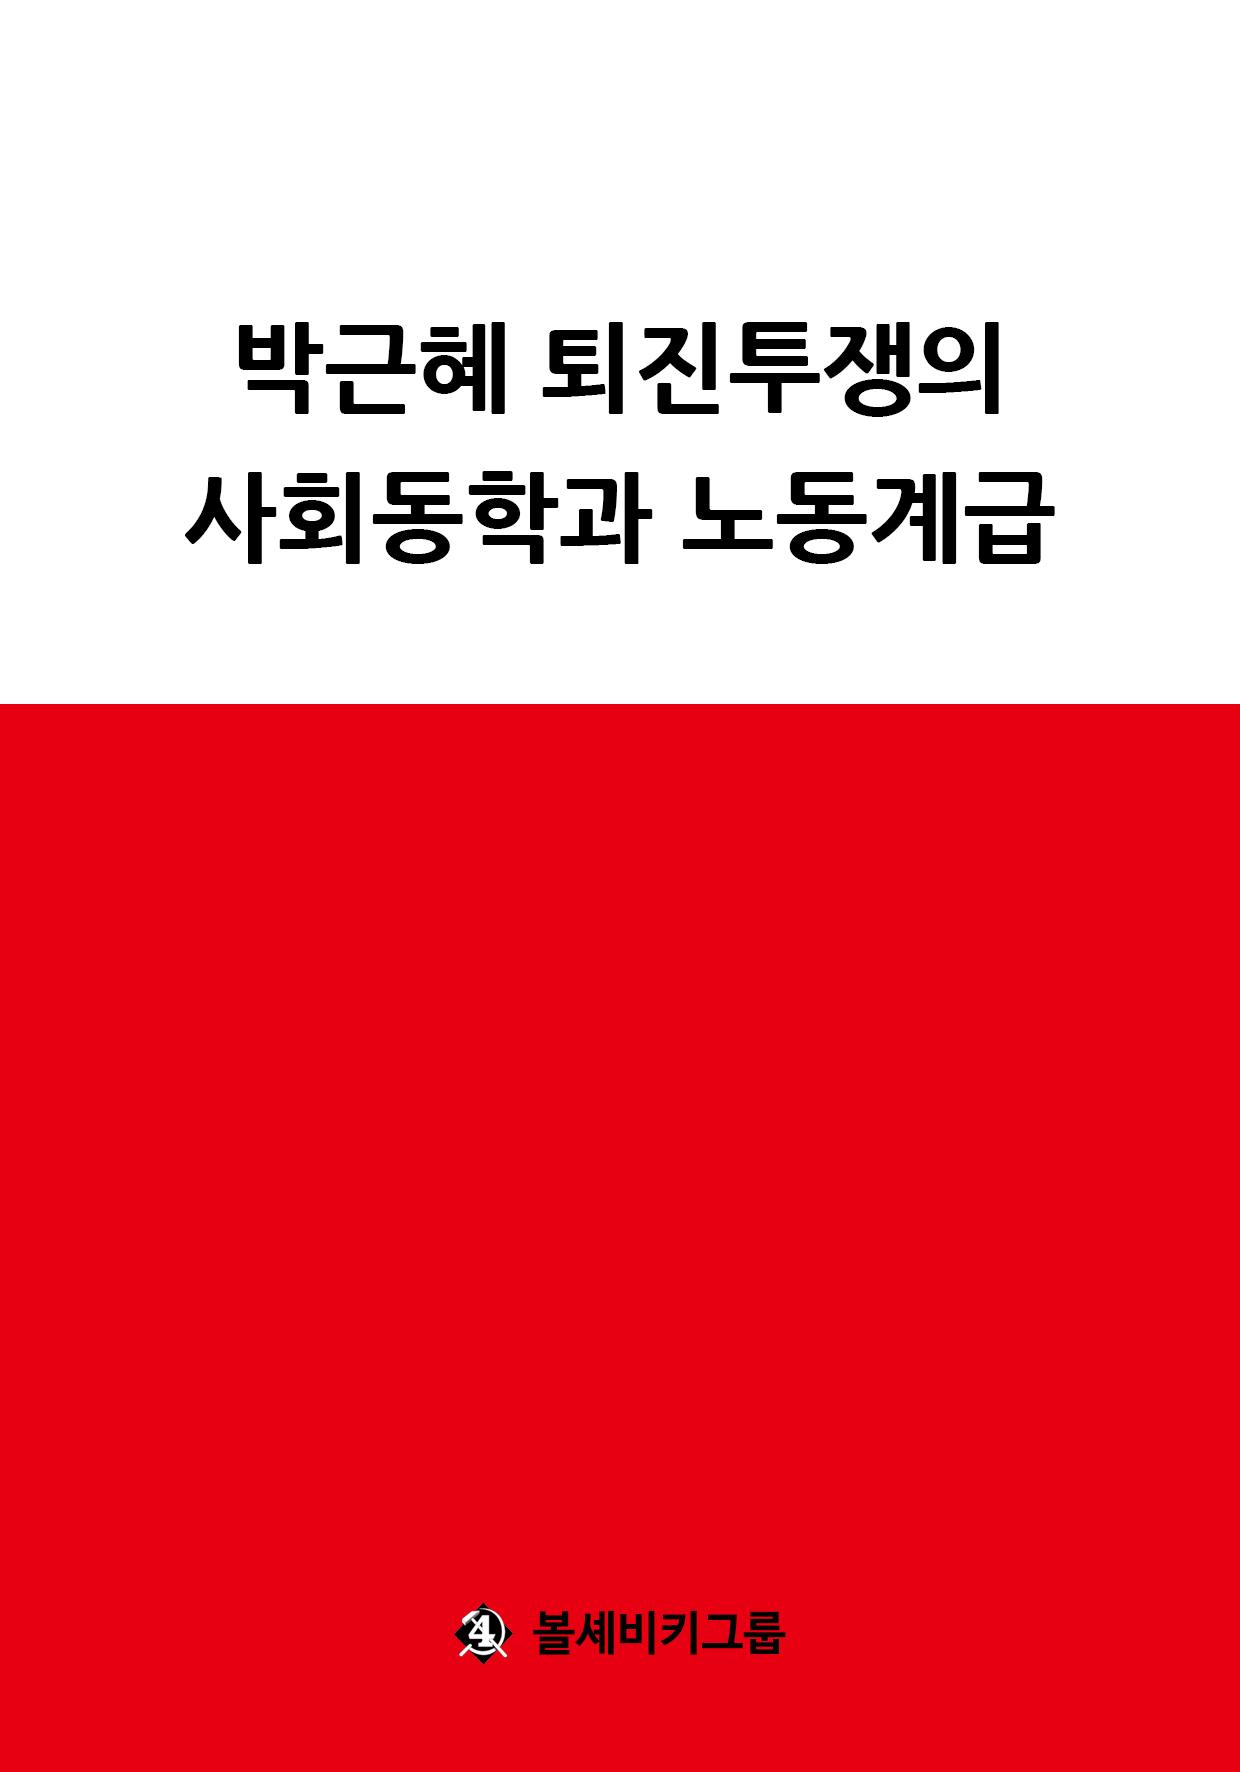 박근혜 퇴진투쟁의 사회동학과 노동계급.jpg